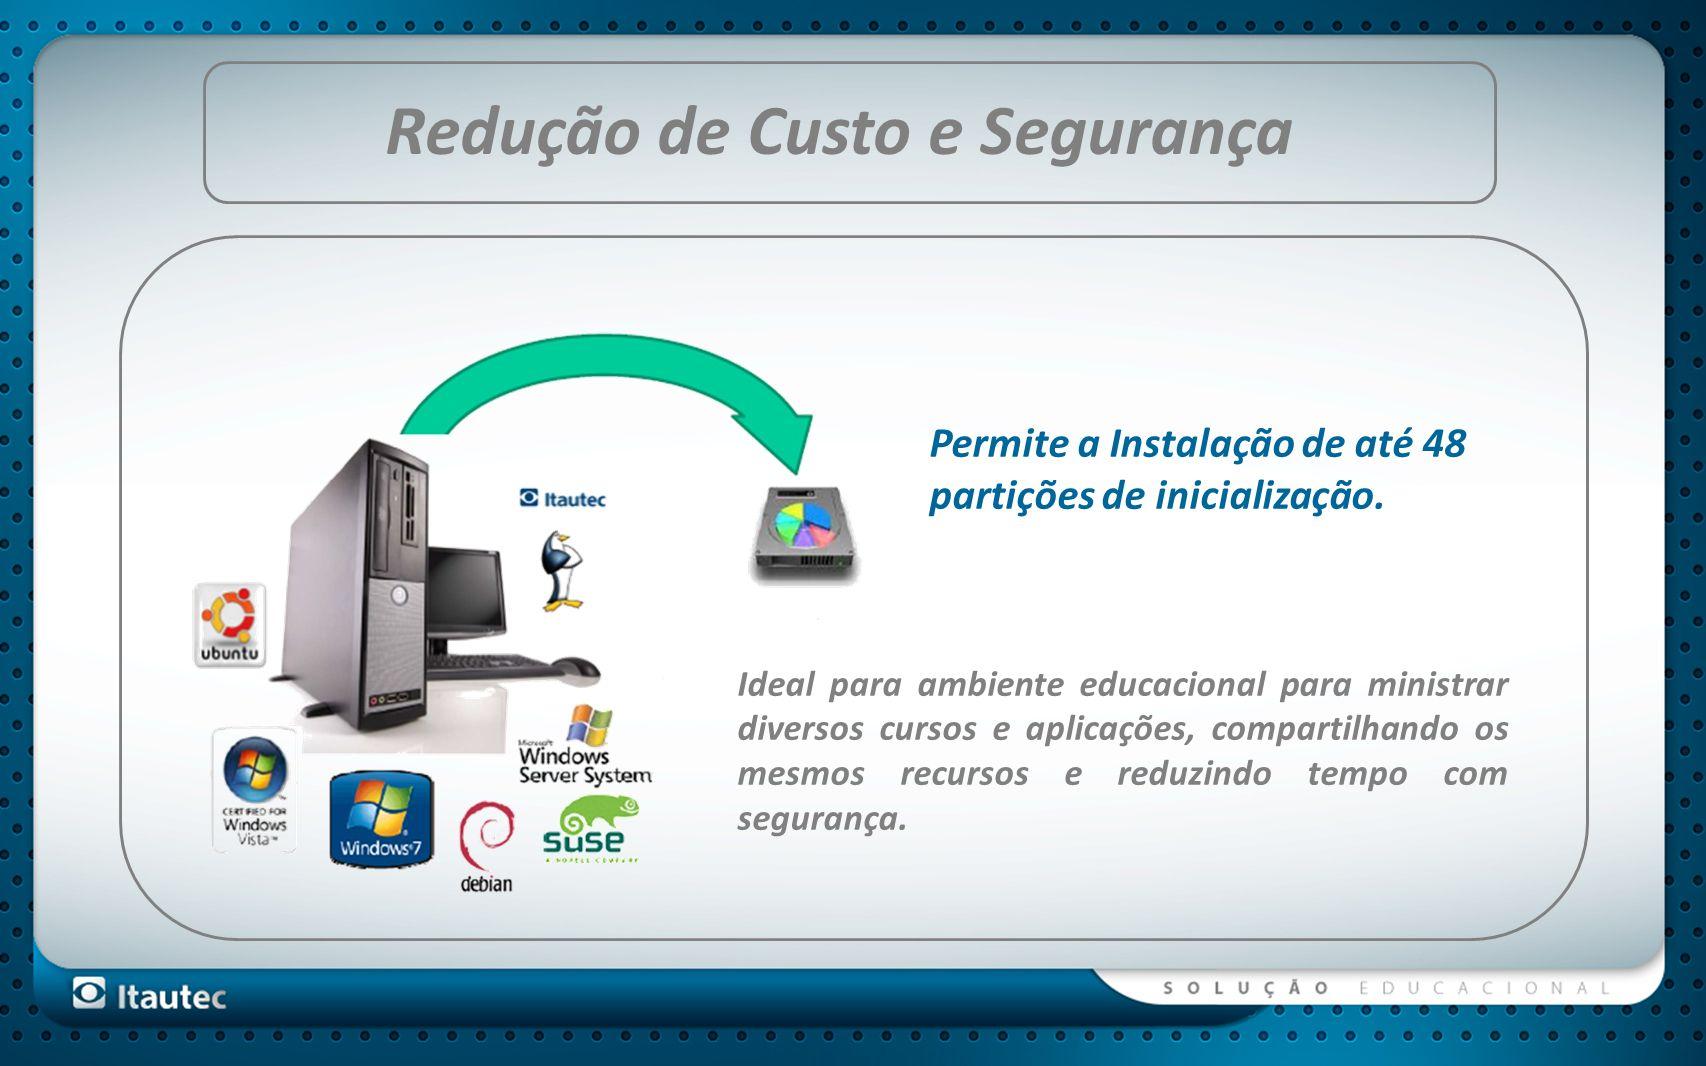 Redução de Custo e Segurança Permite a Instalação de até 48 partições de inicialização. Ideal para ambiente educacional para ministrar diversos cursos